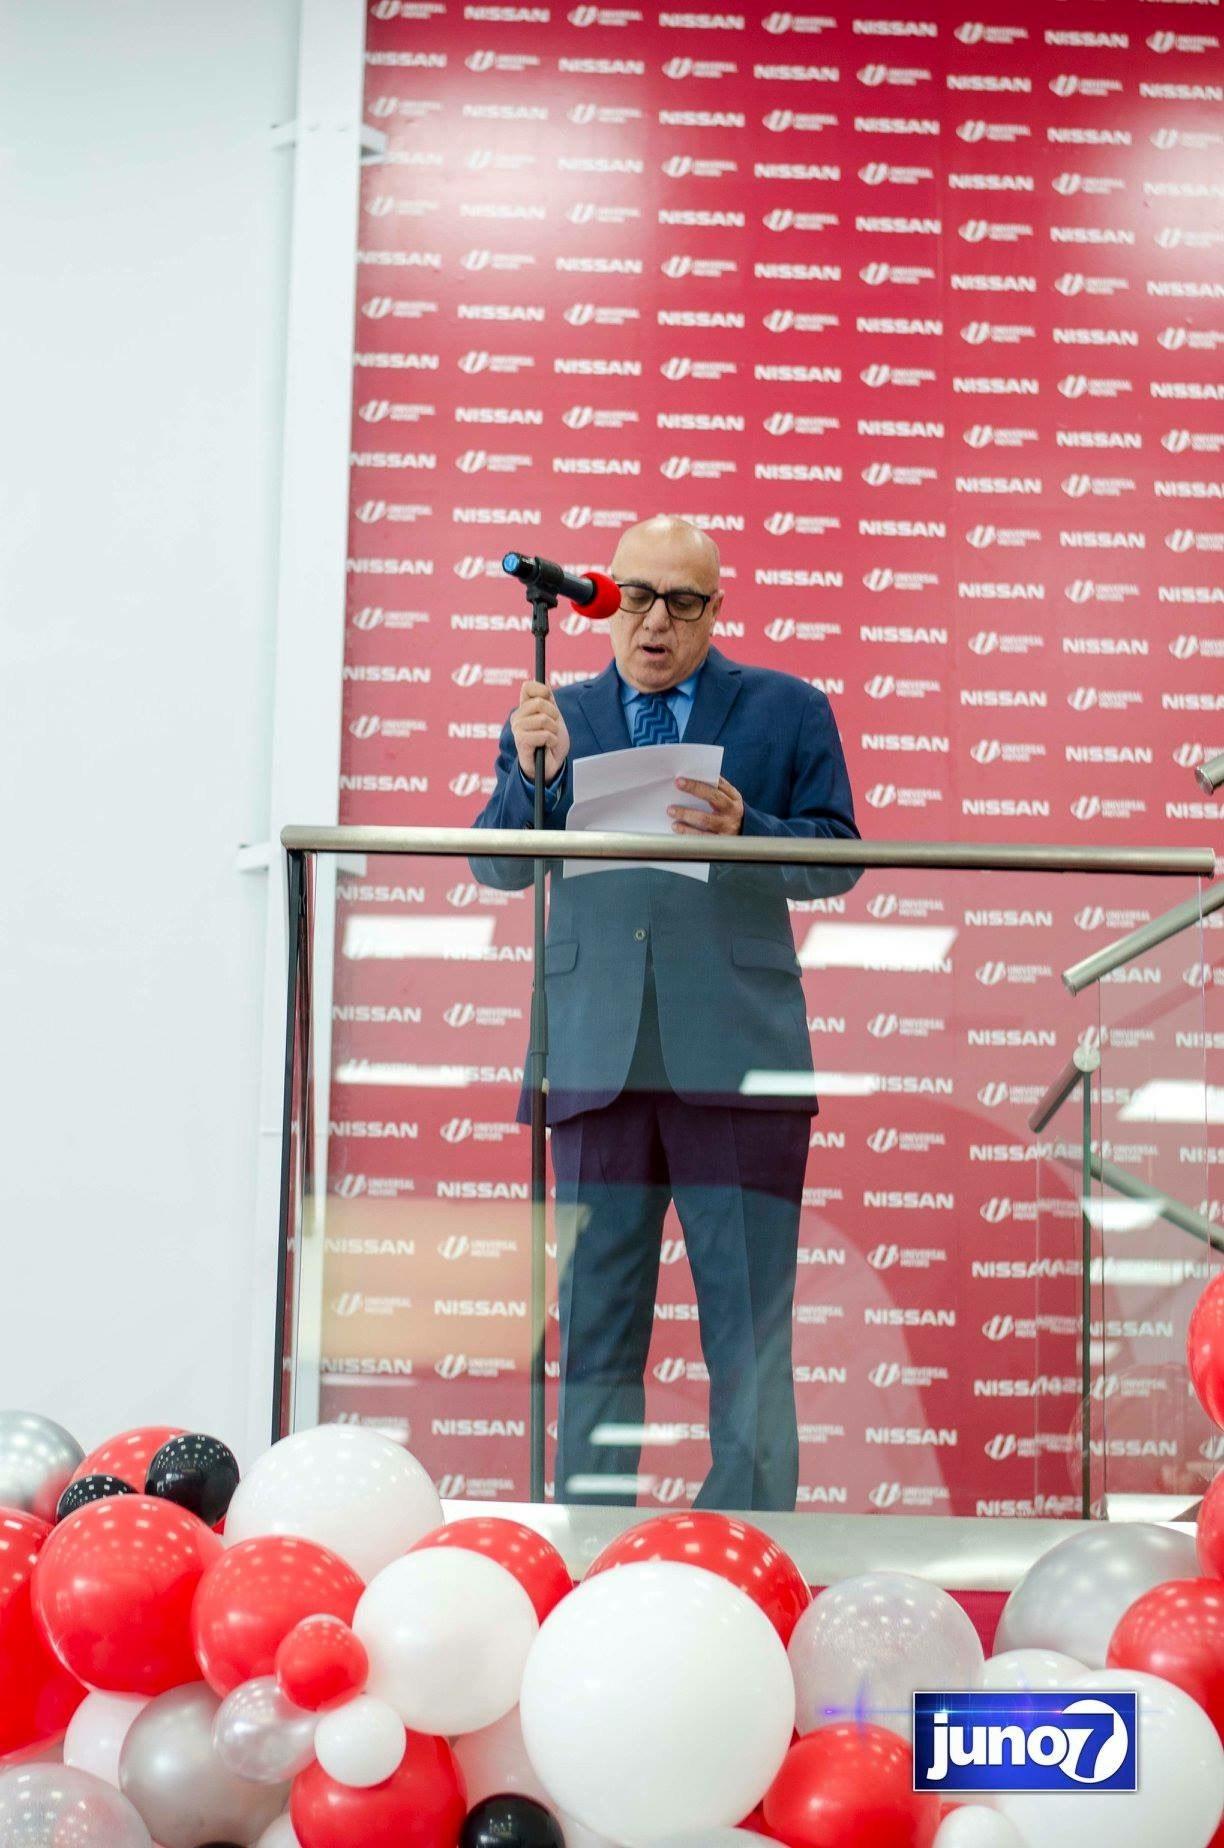 La Nissan Universal Motors inaugure le plus grand showroom de la caraïbe et de l'Amérique latine 57